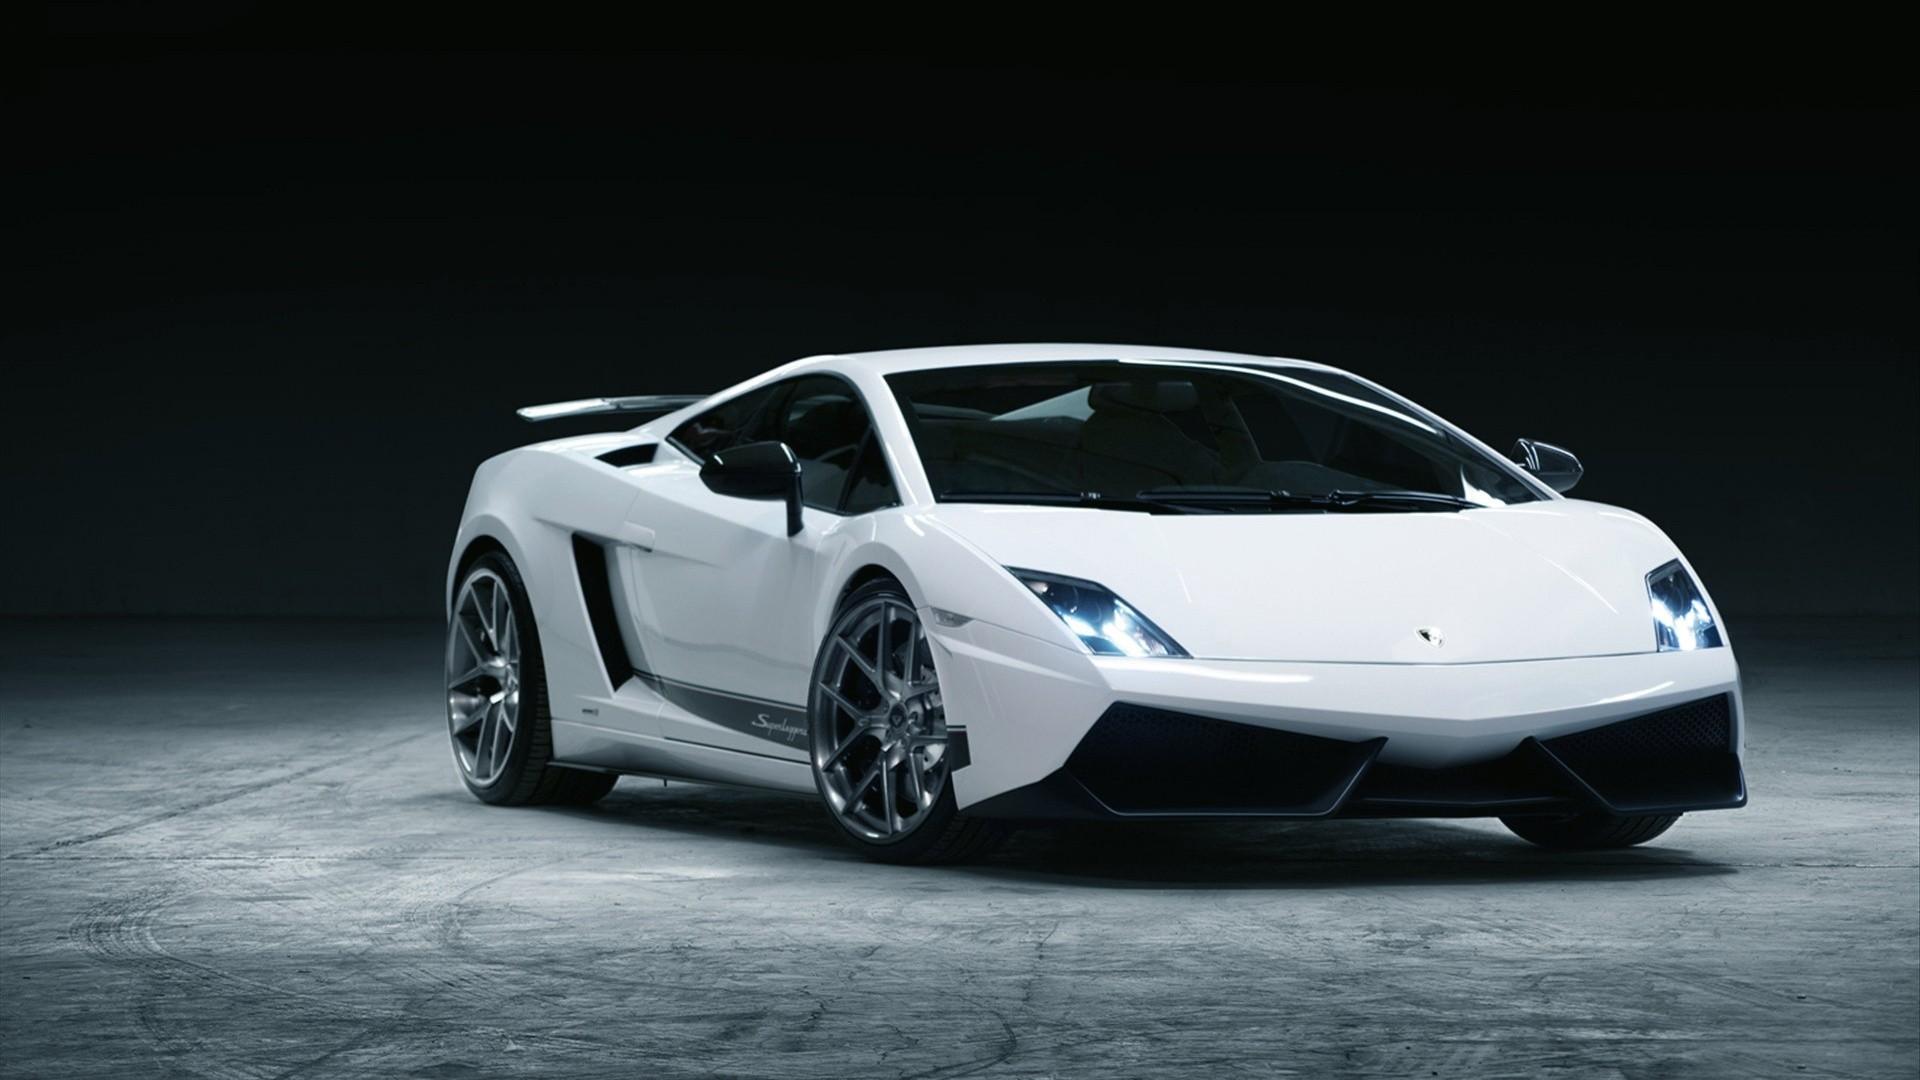 New Lamborghini Gallardo 2013 HD Wallpaper of Car   hdwallpaper2013 1920x1080